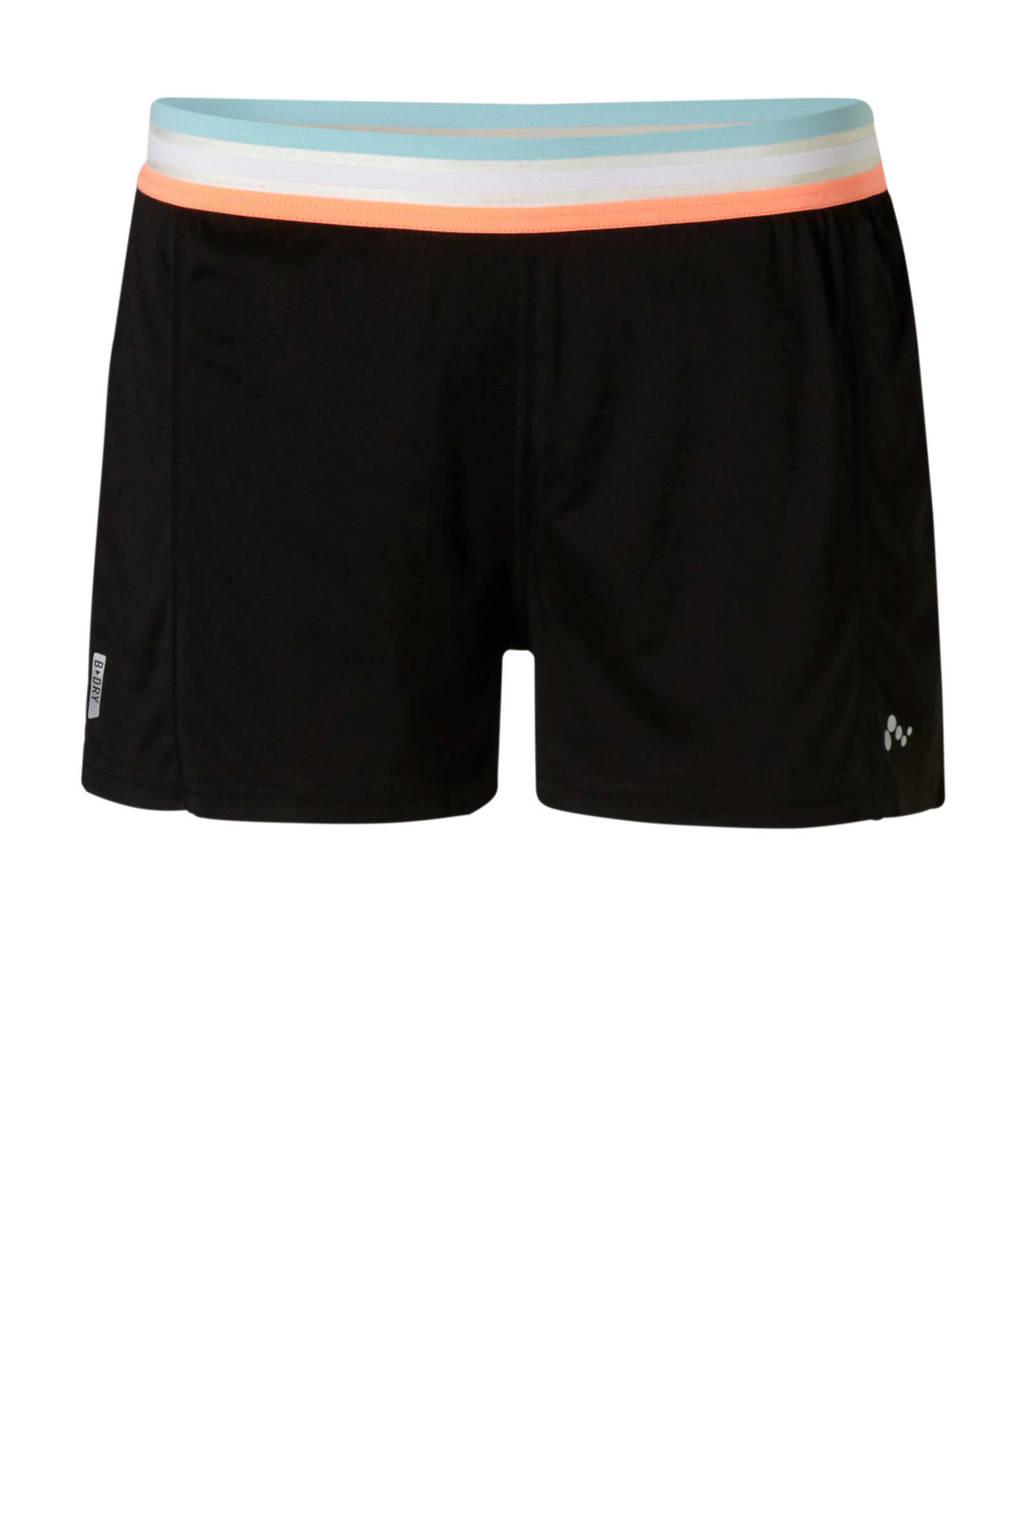 Only Play sportshort zwart, Zwart/oranje/lichtblauw/wit